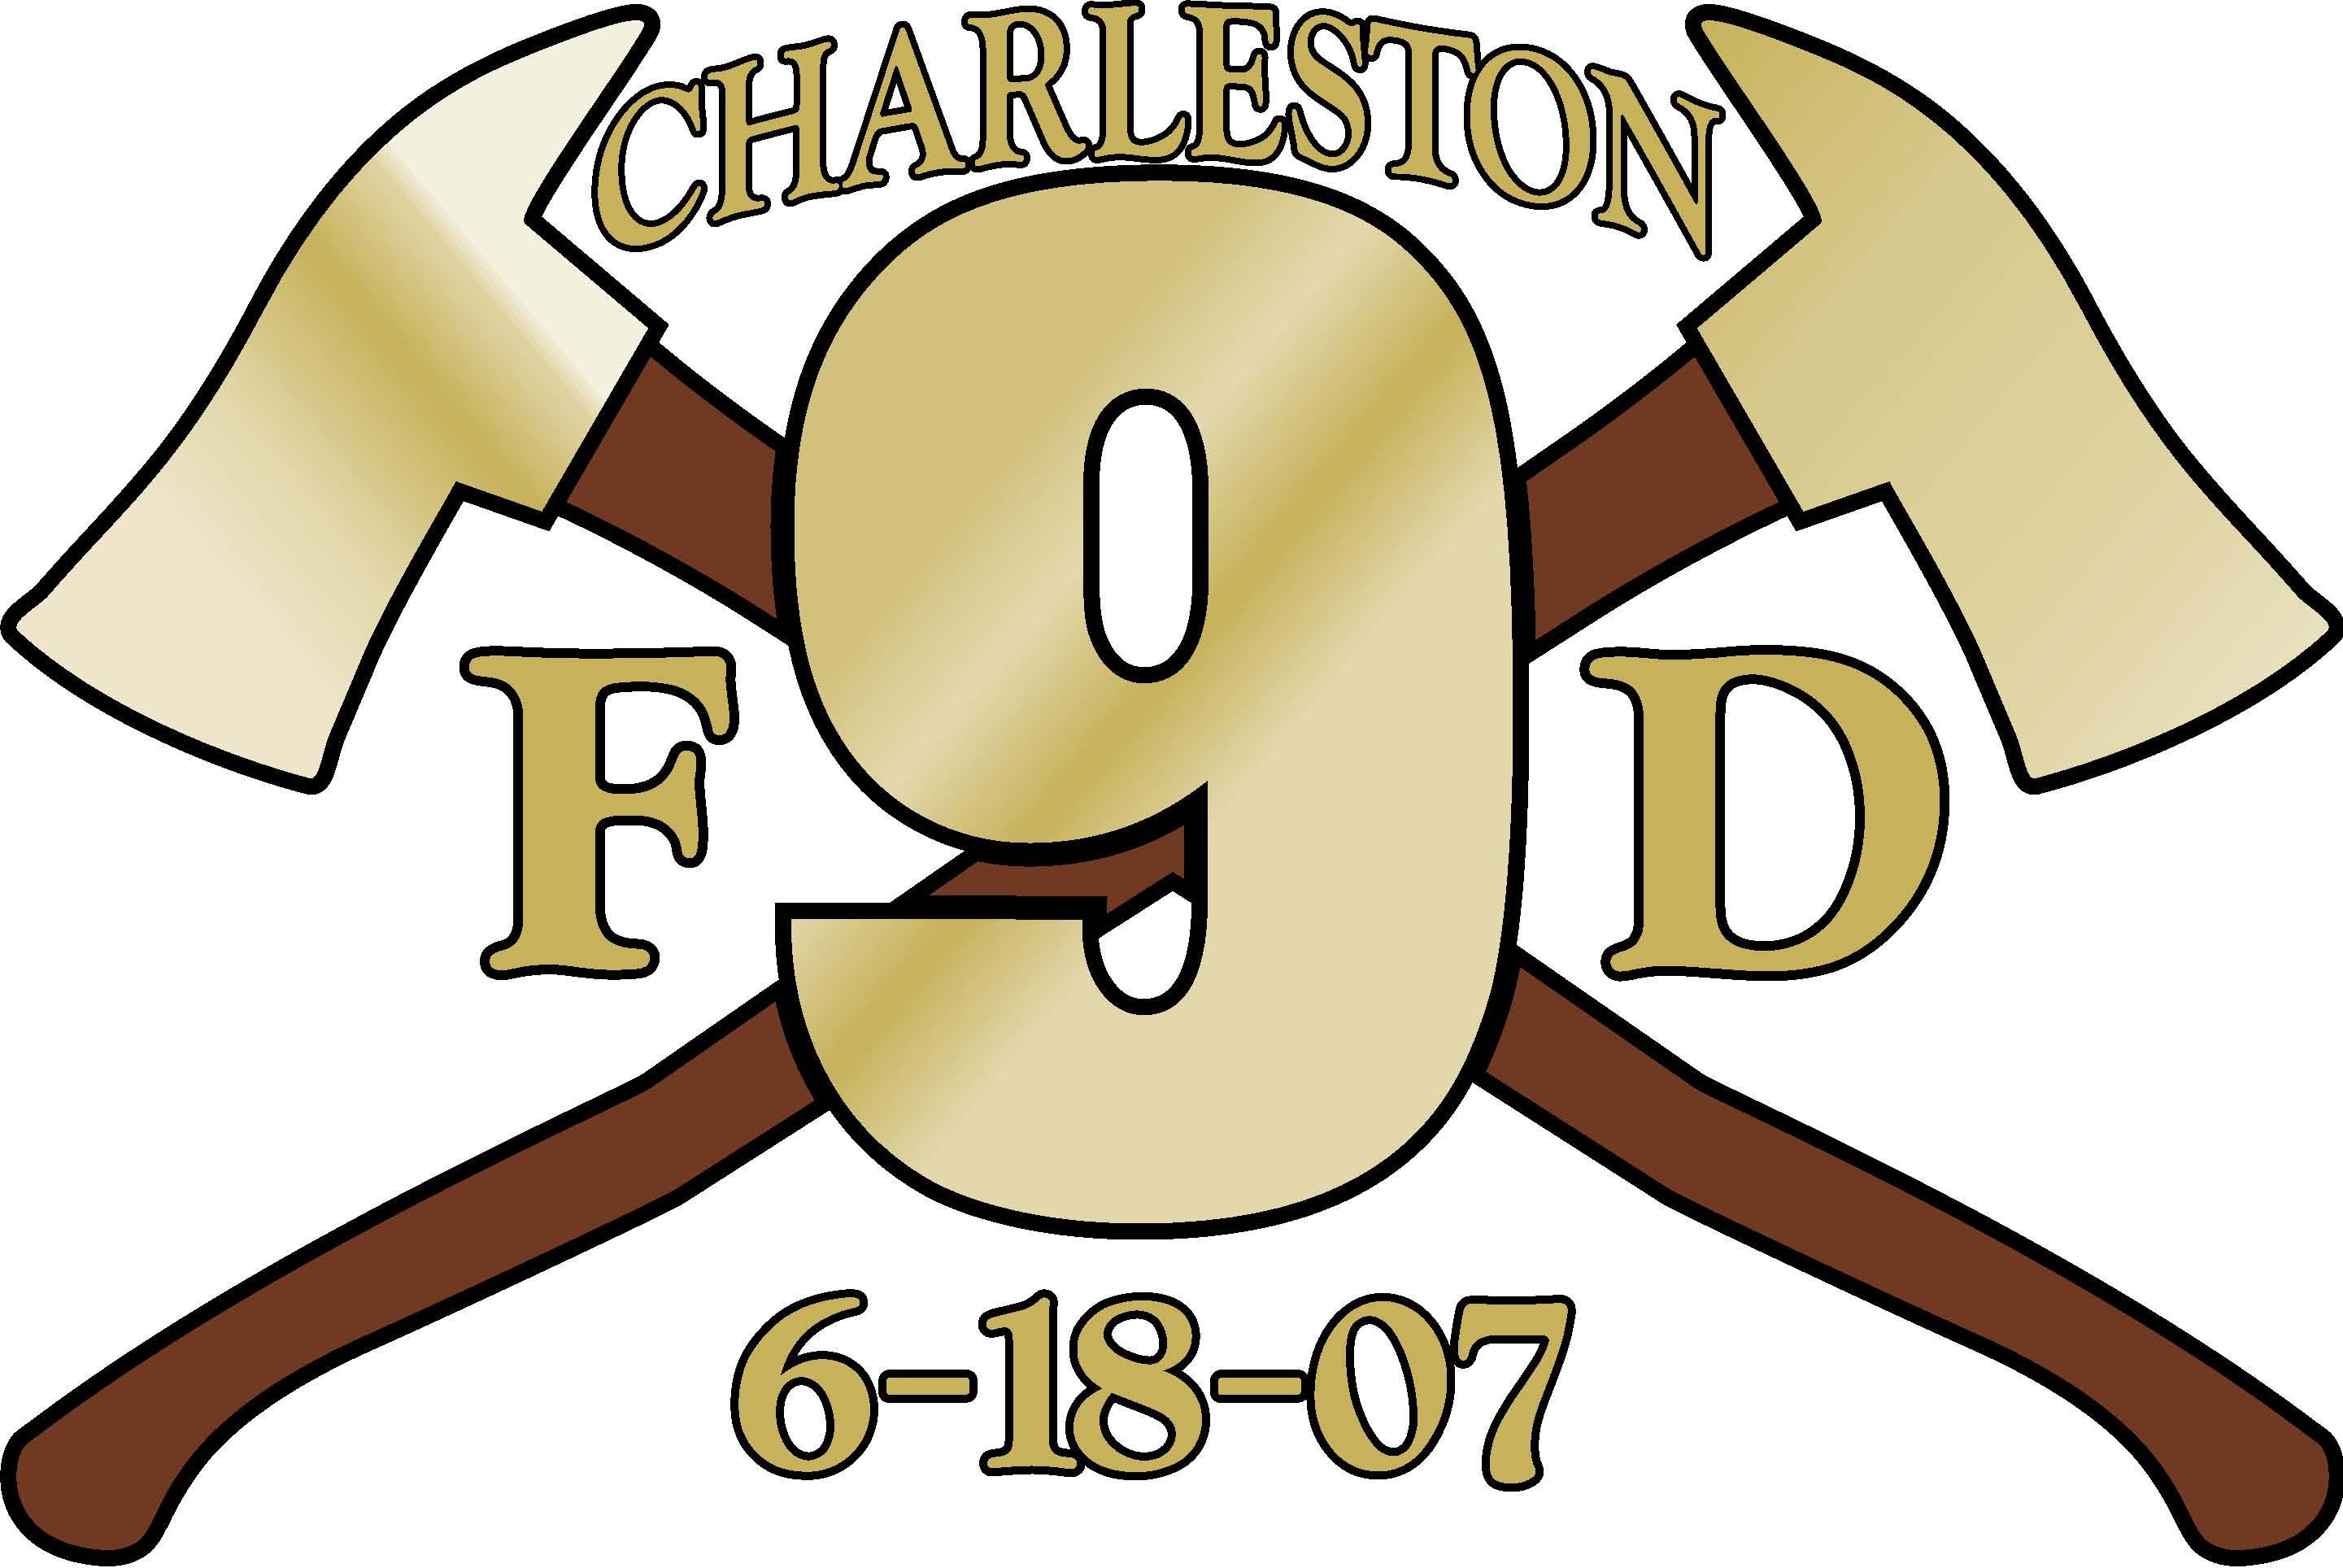 CHARLESTON 9.jpg